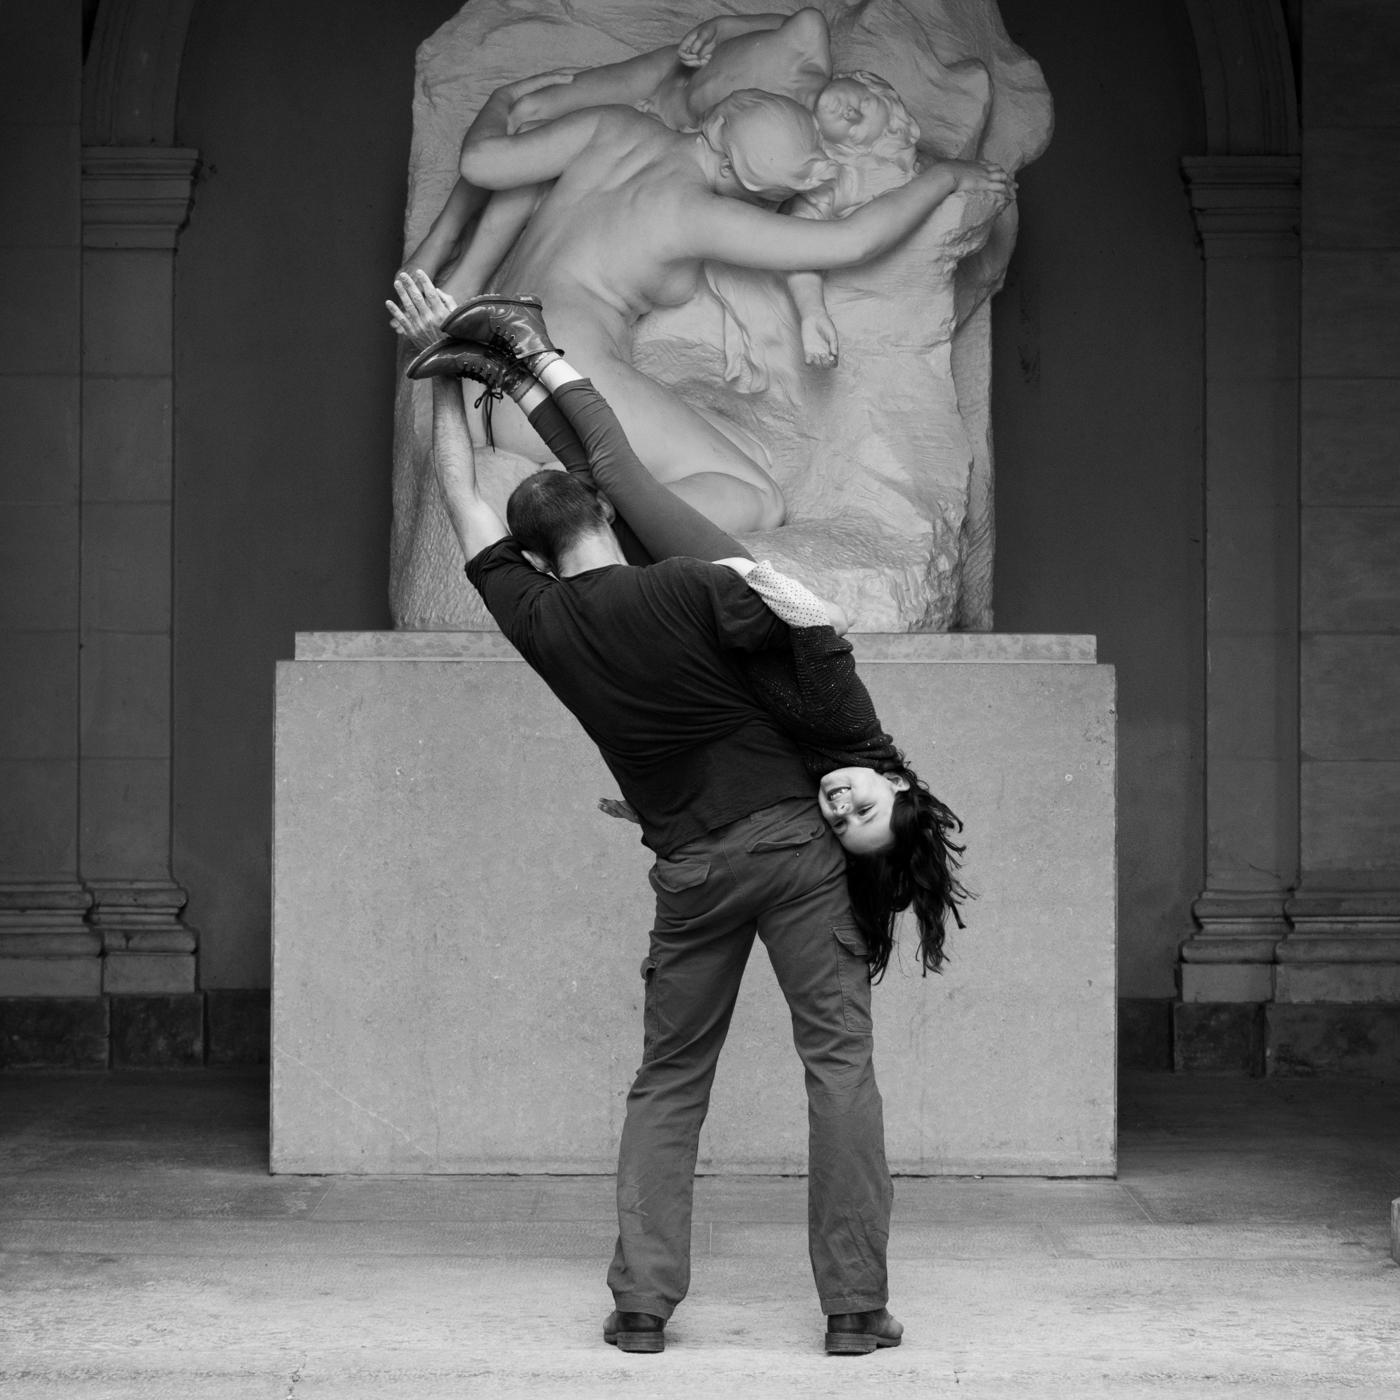 Musée_Lyon_2016_-_Autoportrait_renversant